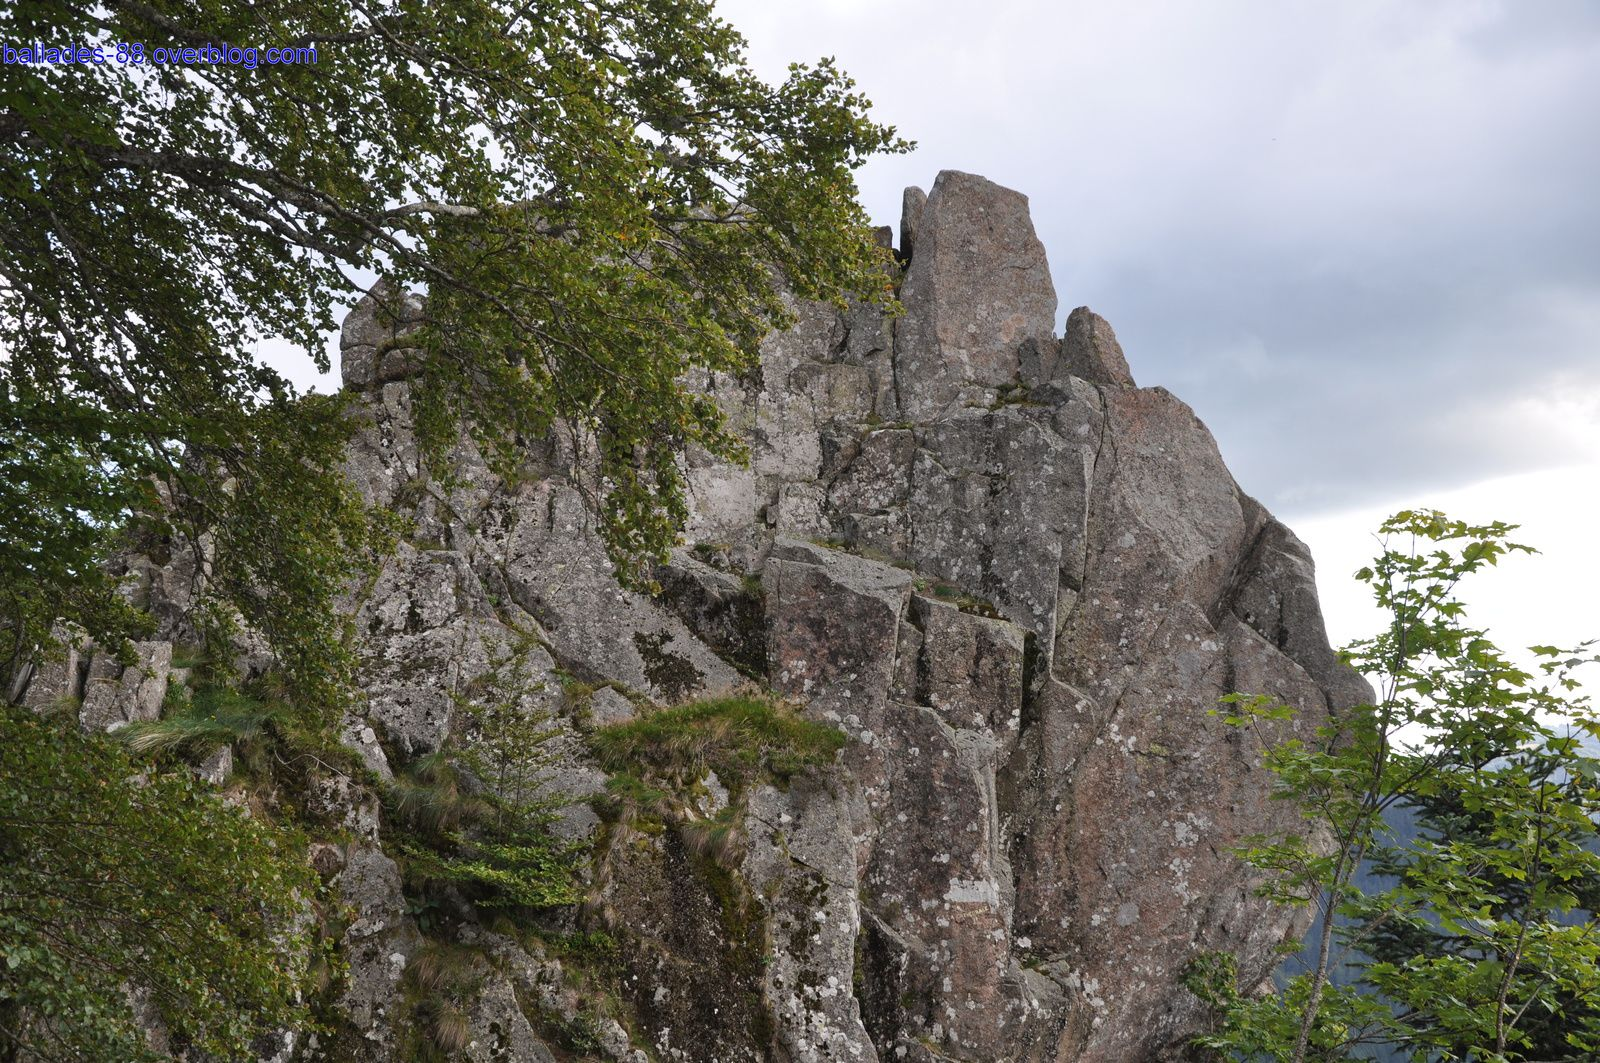 Le rocher du corbeau.